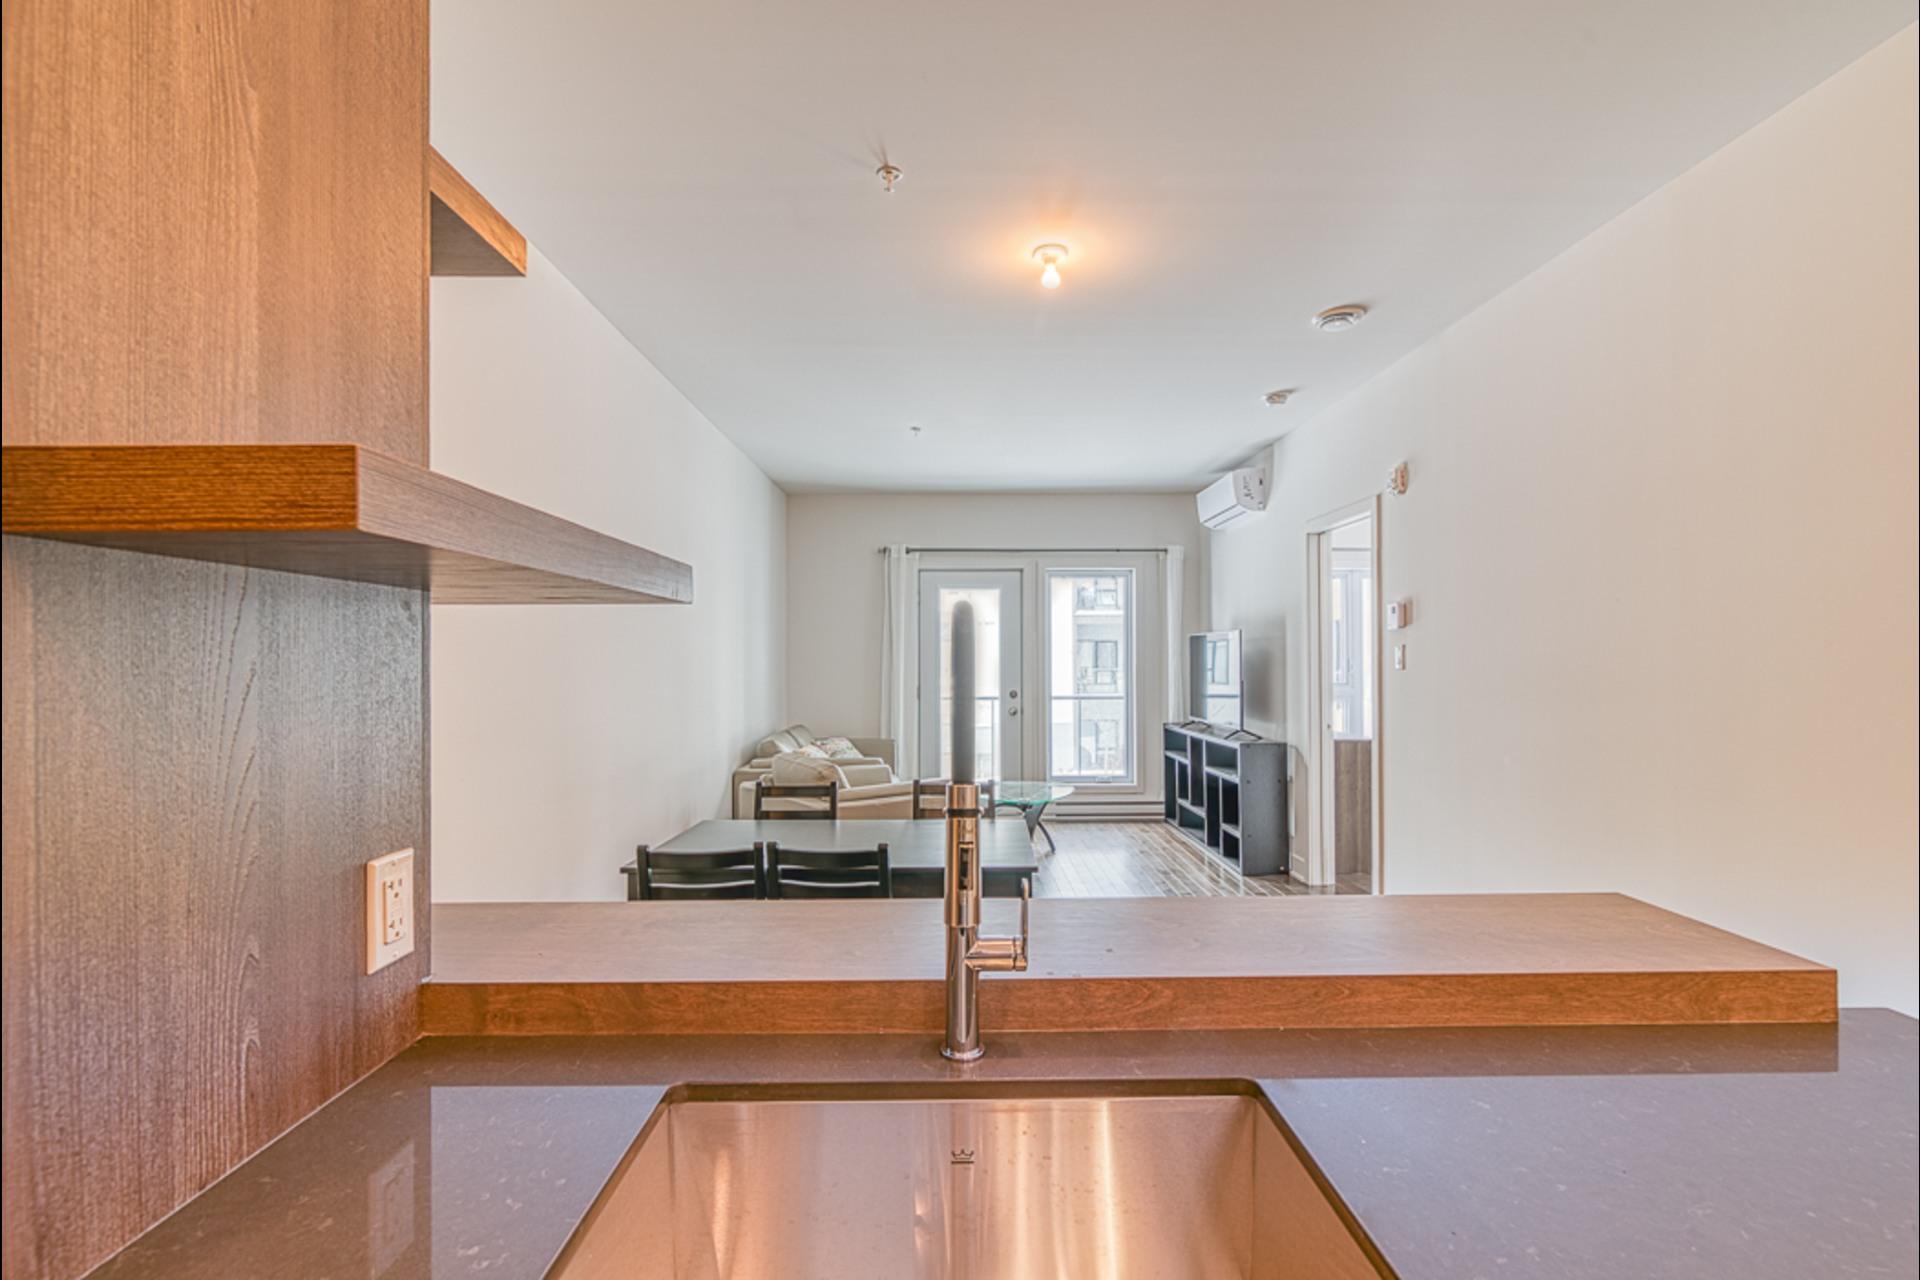 image 5 - MX - Condominio vertical - MX Para alquiler Montréal - 3 habitaciones